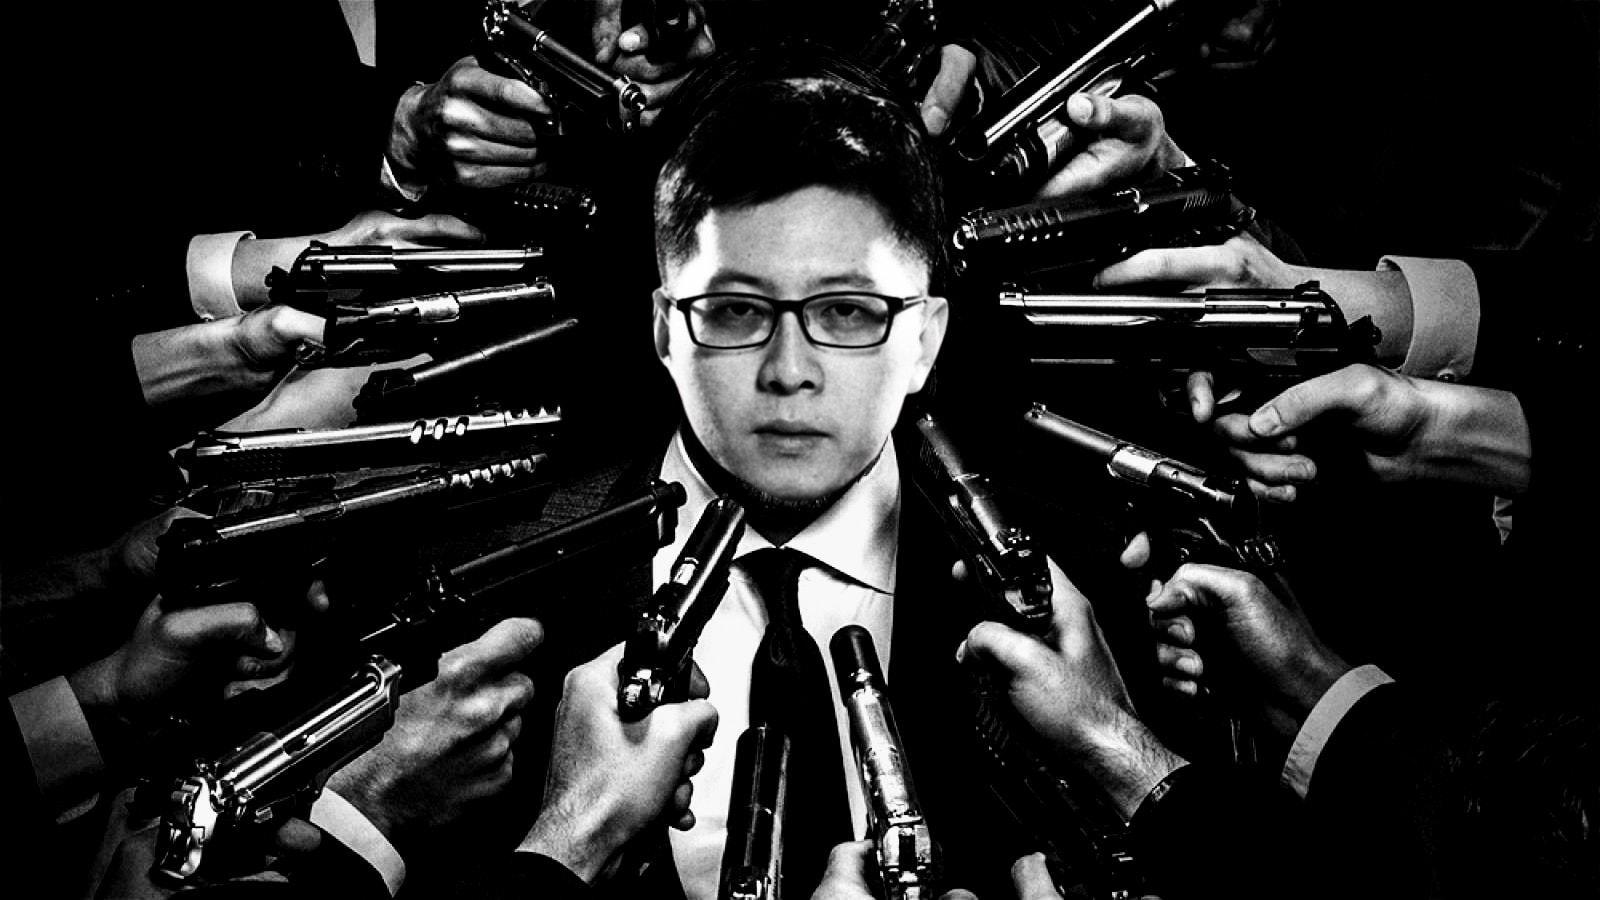 為什麼這麼力挺王浩宇?